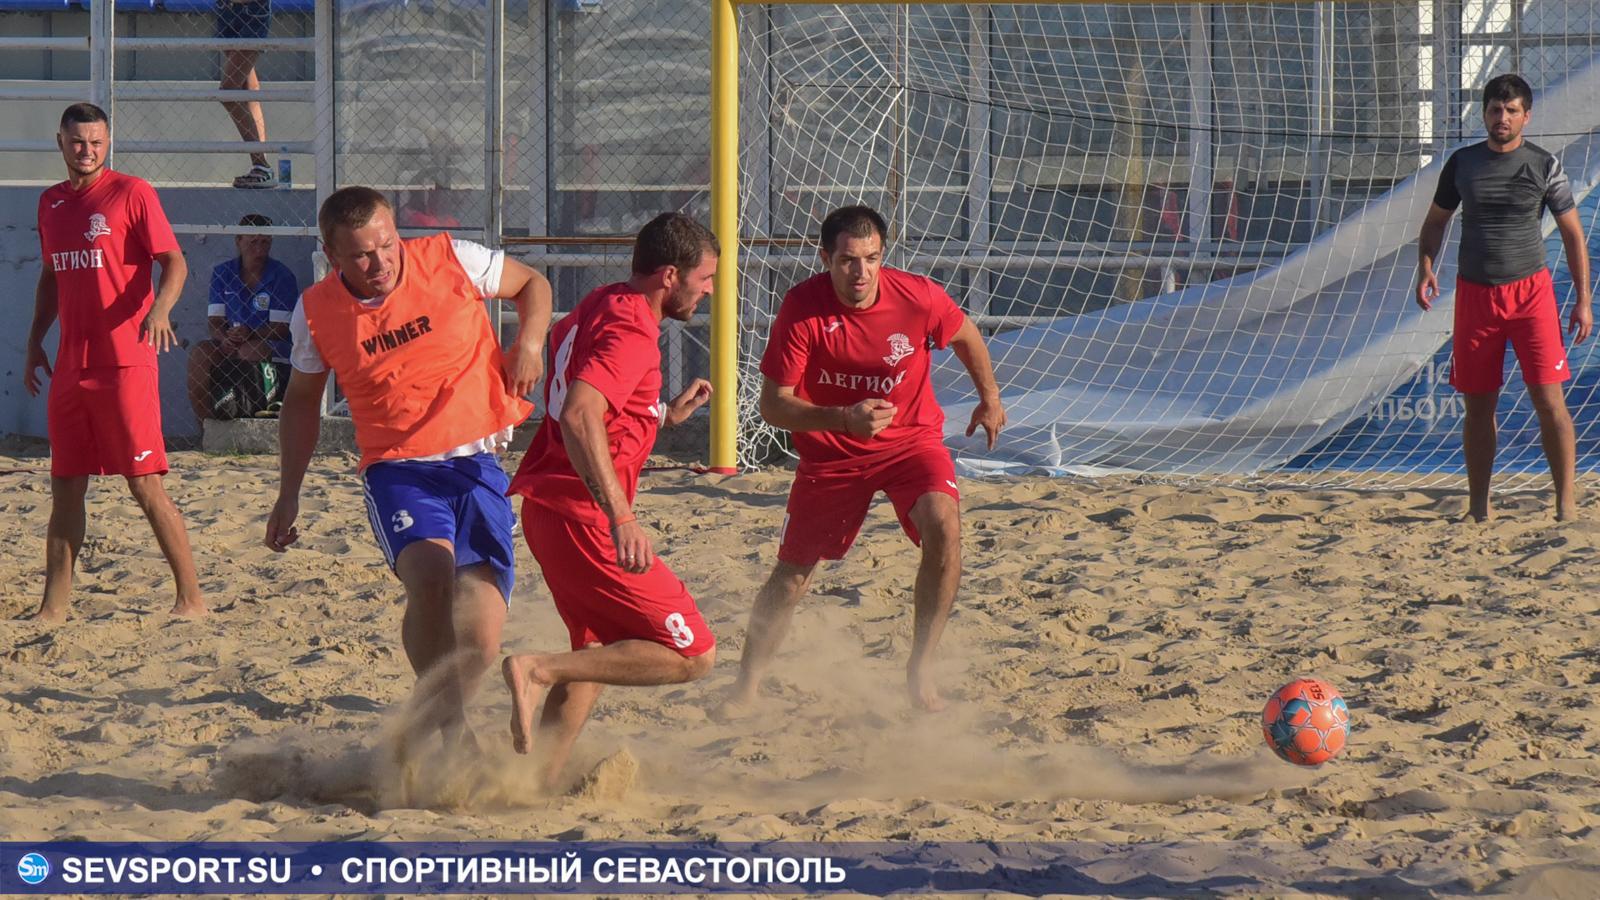 11082019 3 16 - Сегодня состоятся решающие матчи «Кубка губернатора Севастополя по пляжному футболу»